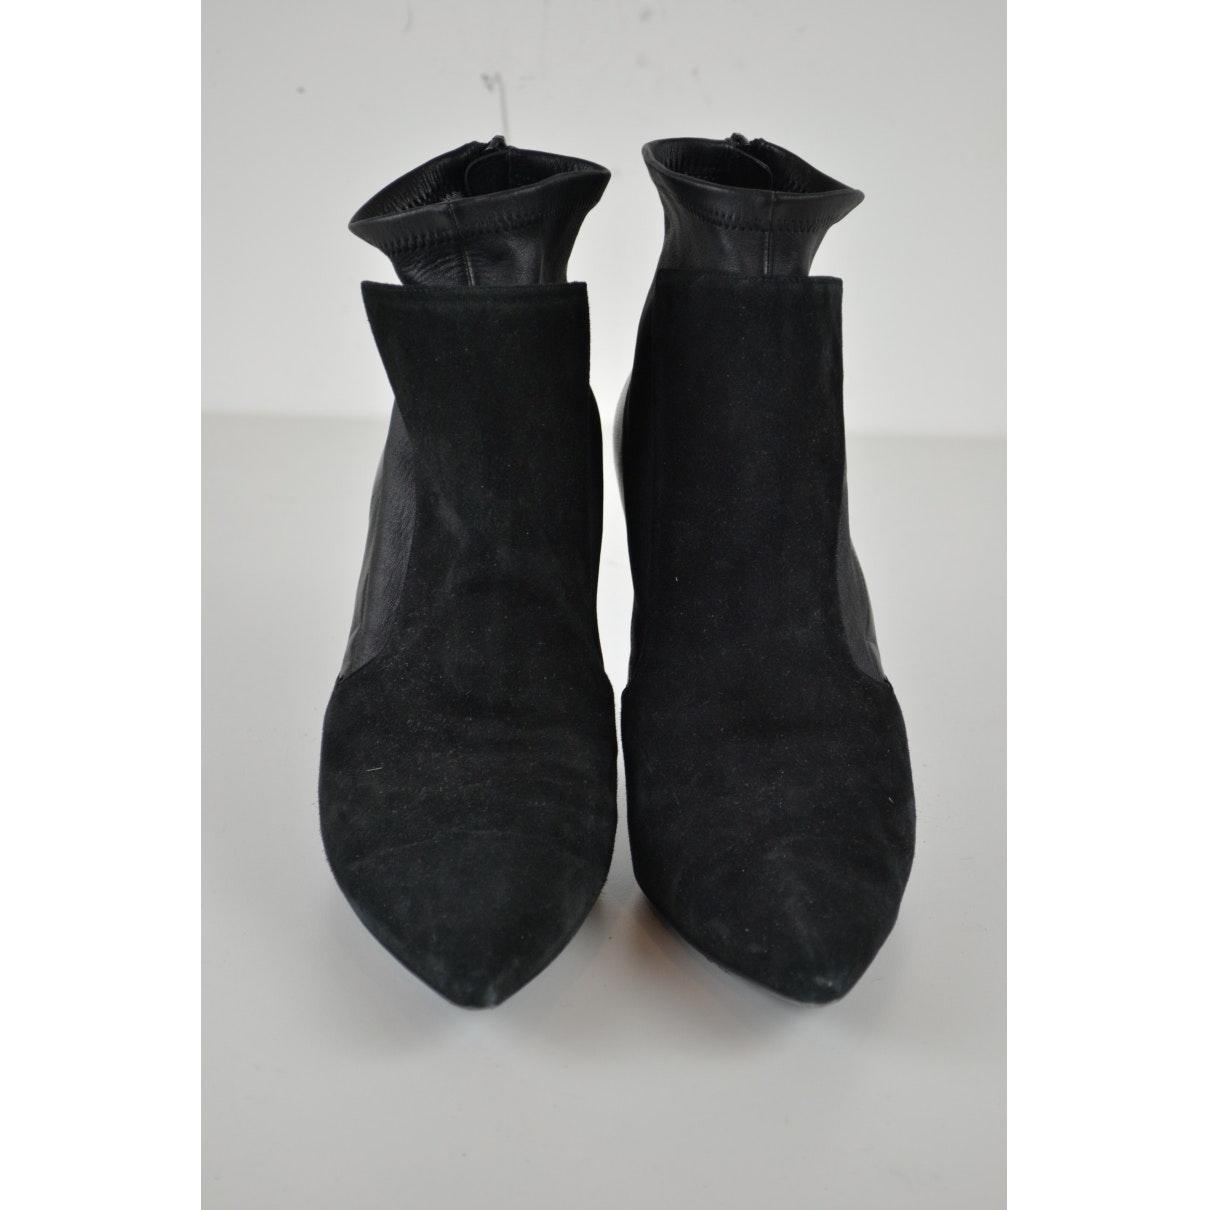 Tacones de Cuero Givenchy de Cuero de color Negro